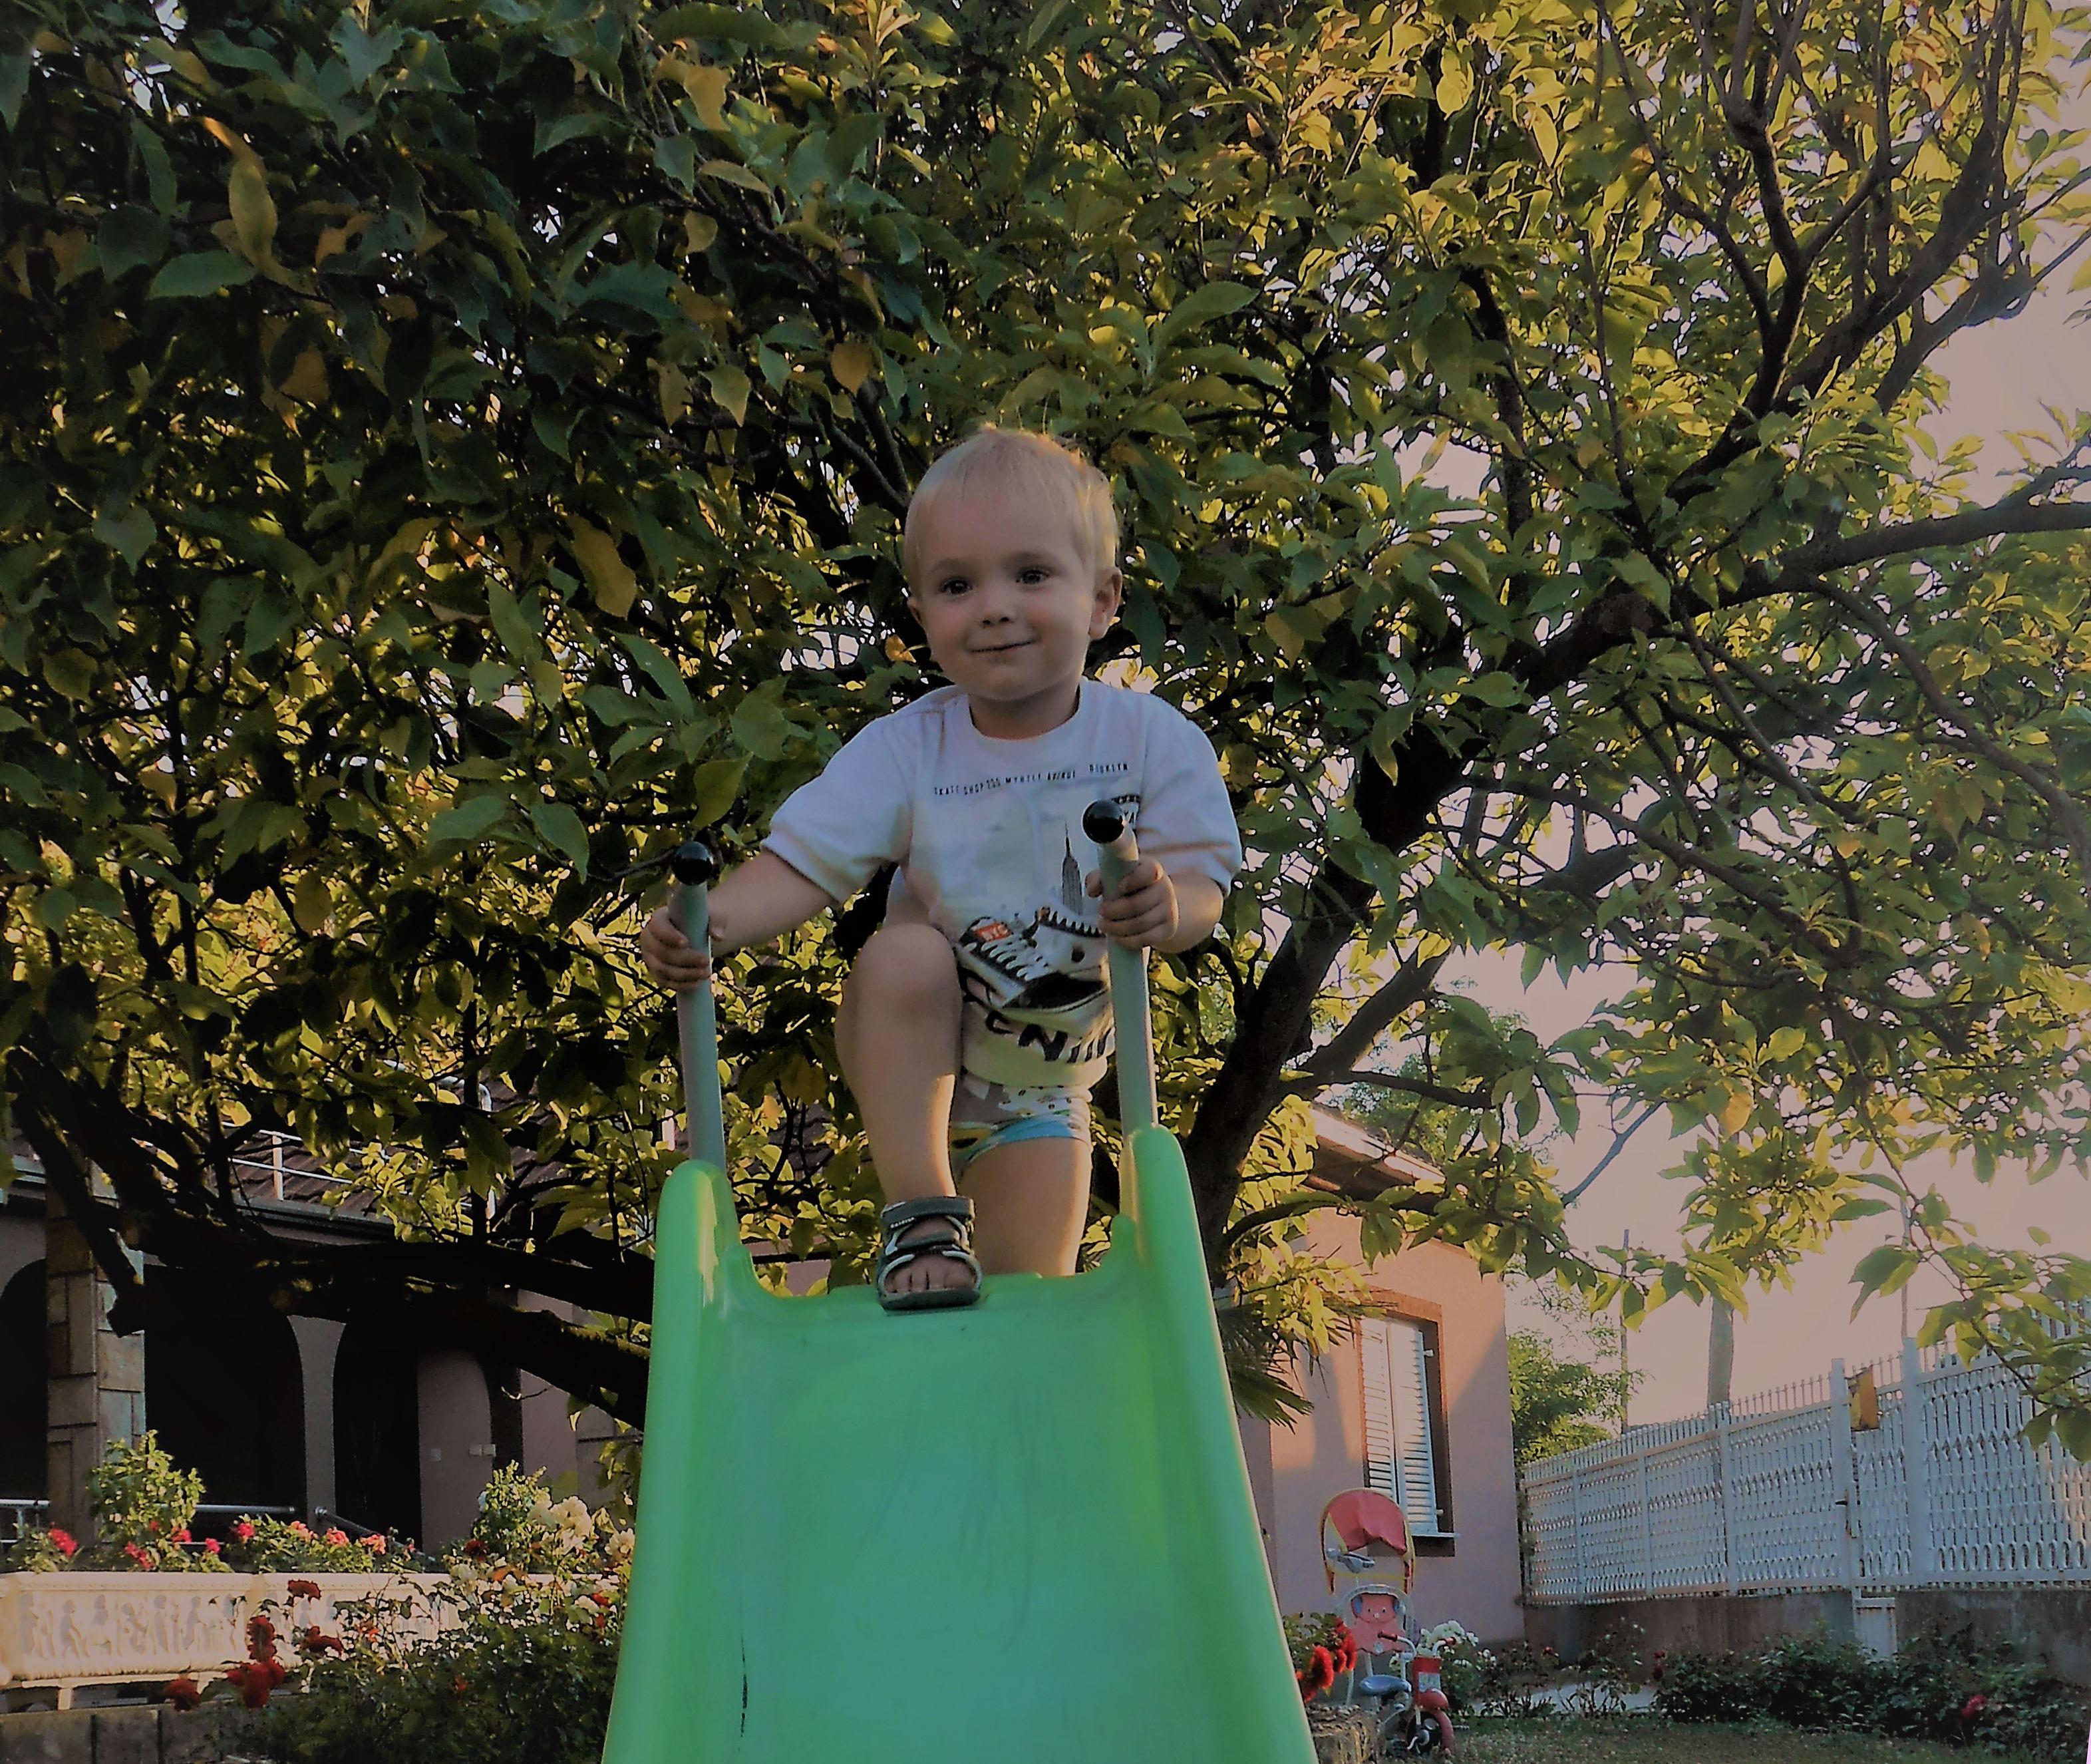 toddler's motoric activities